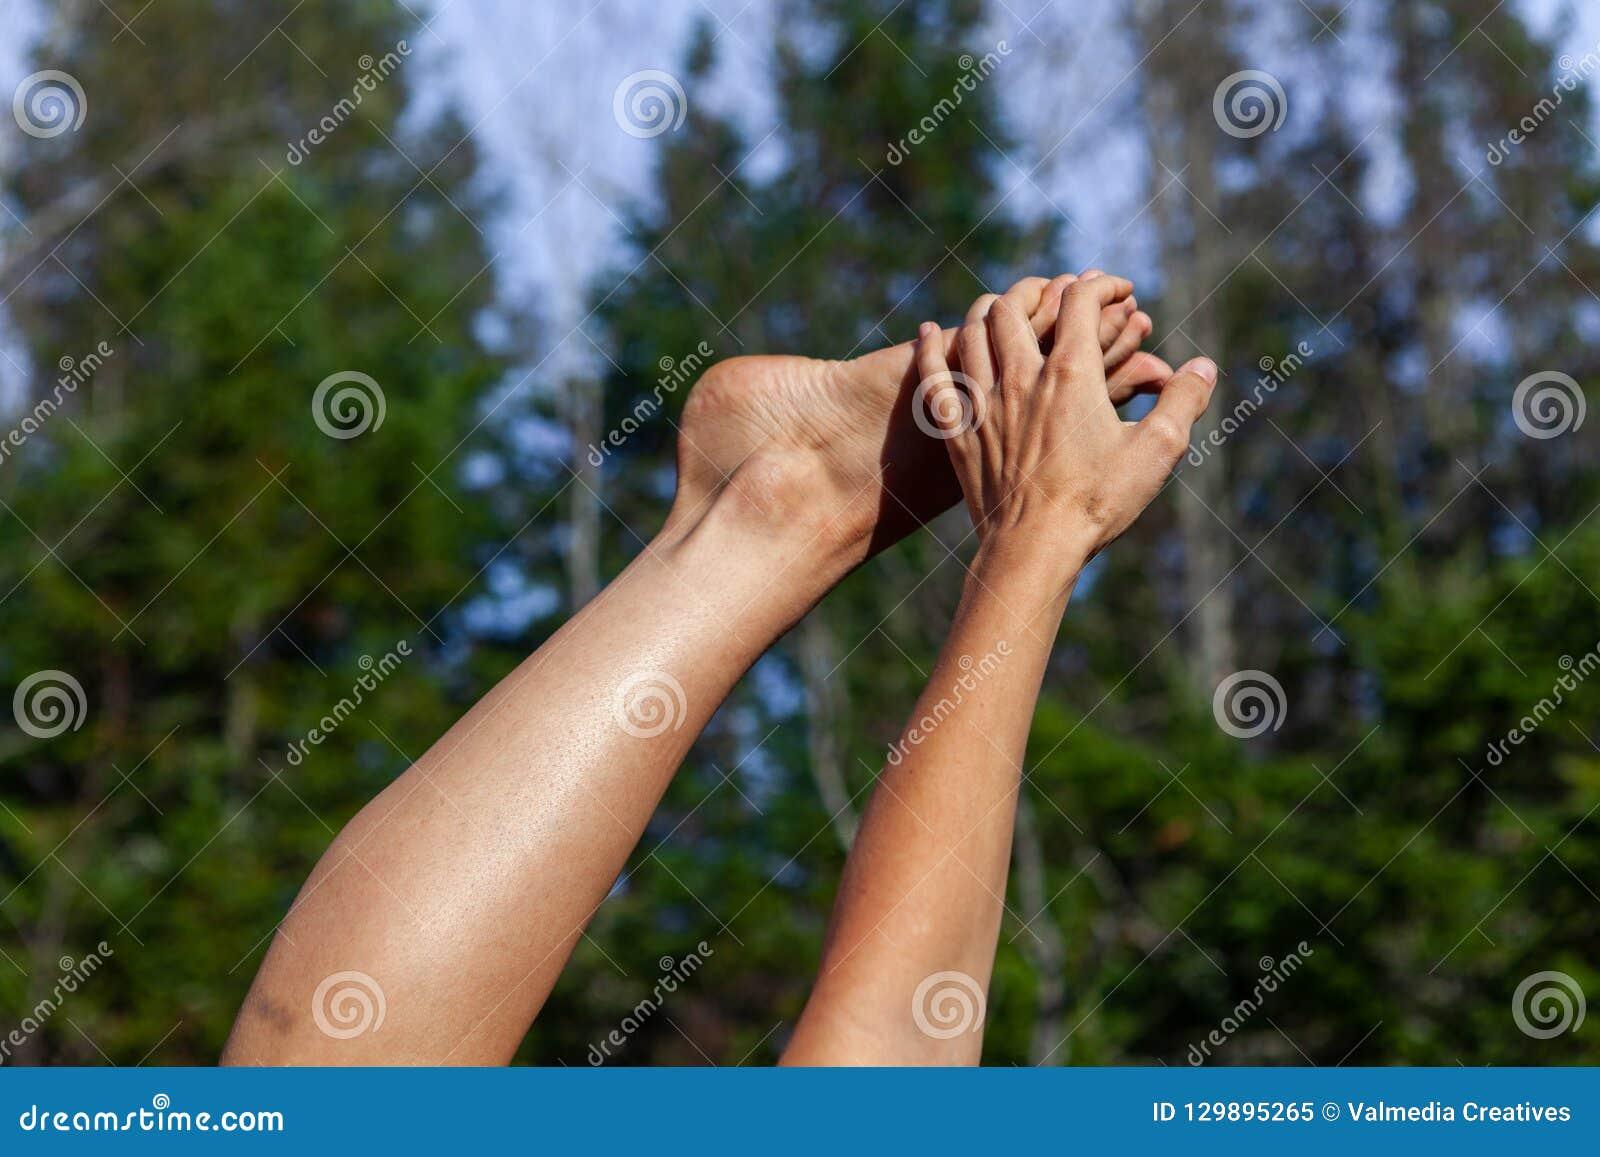 Den unga kvinnan rymmer hennes fot upp i luften, medan tycka om solen